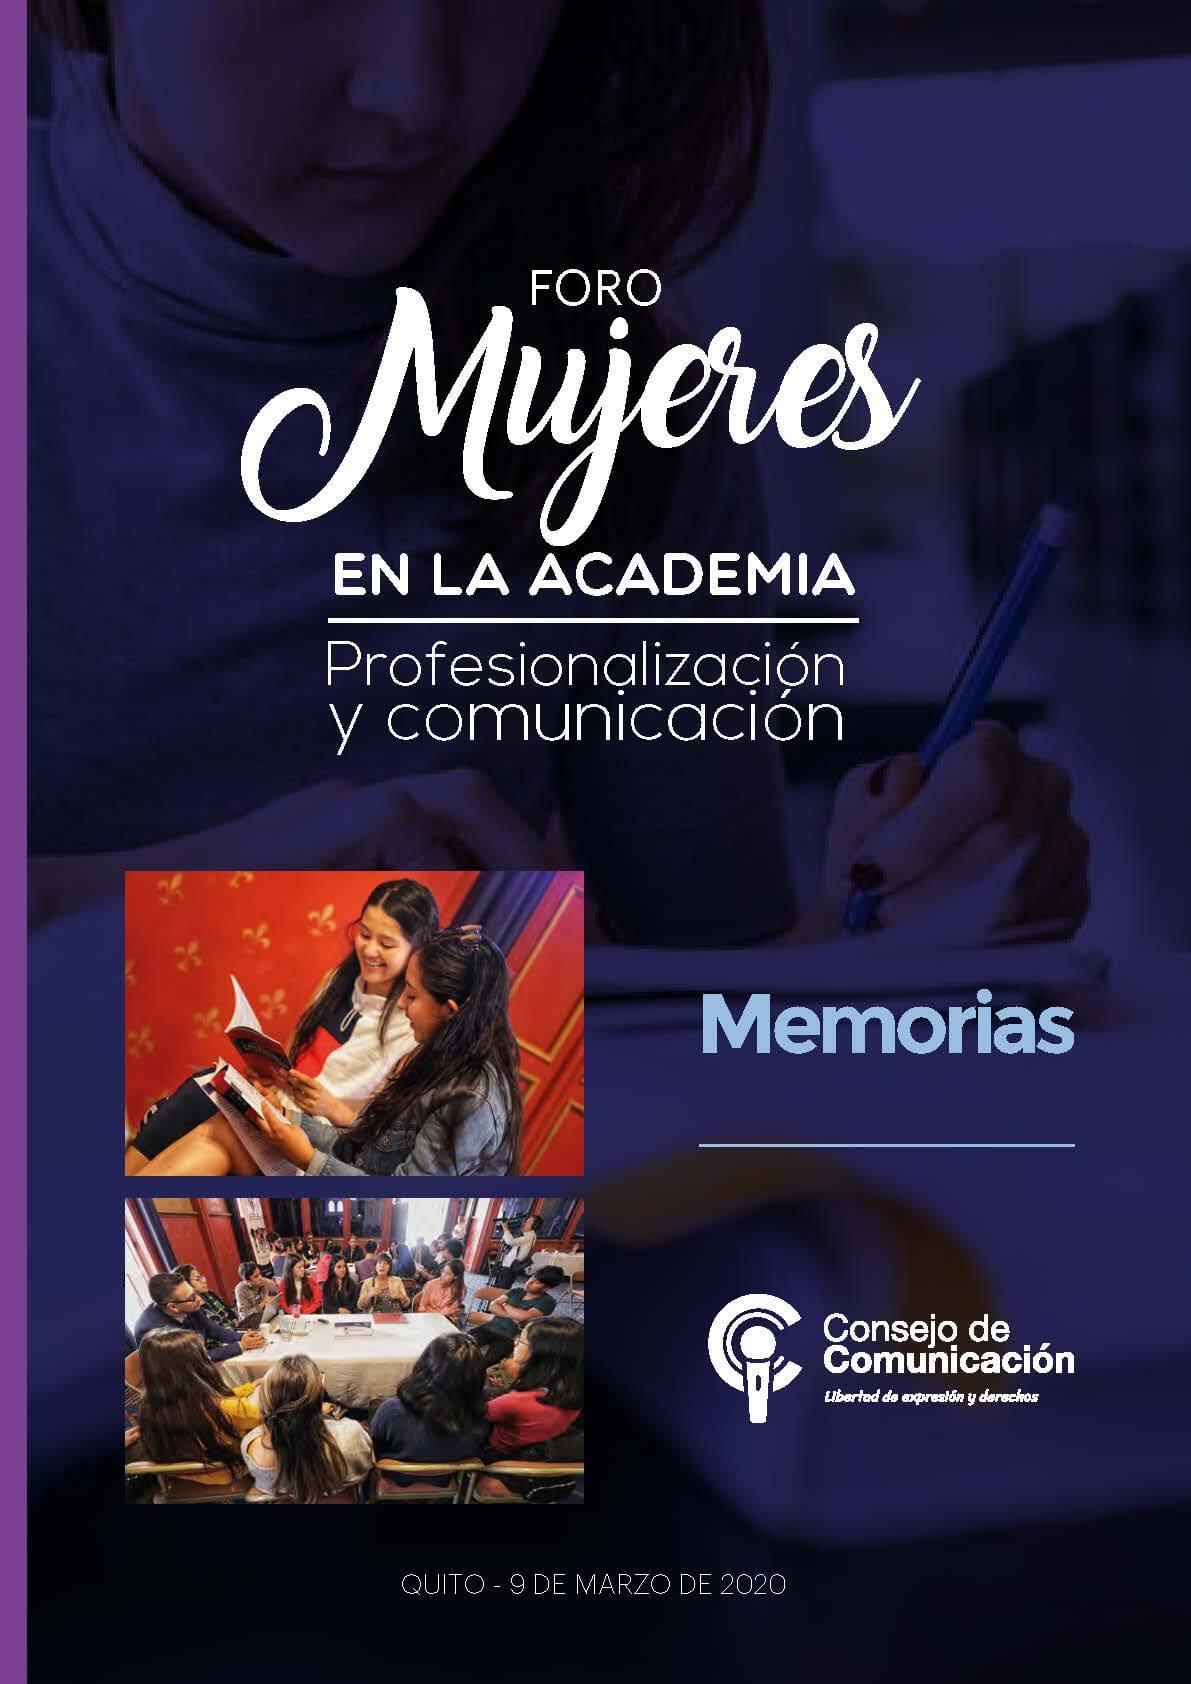 Foro Mujeres en la Academia Profesionalización y comunicación